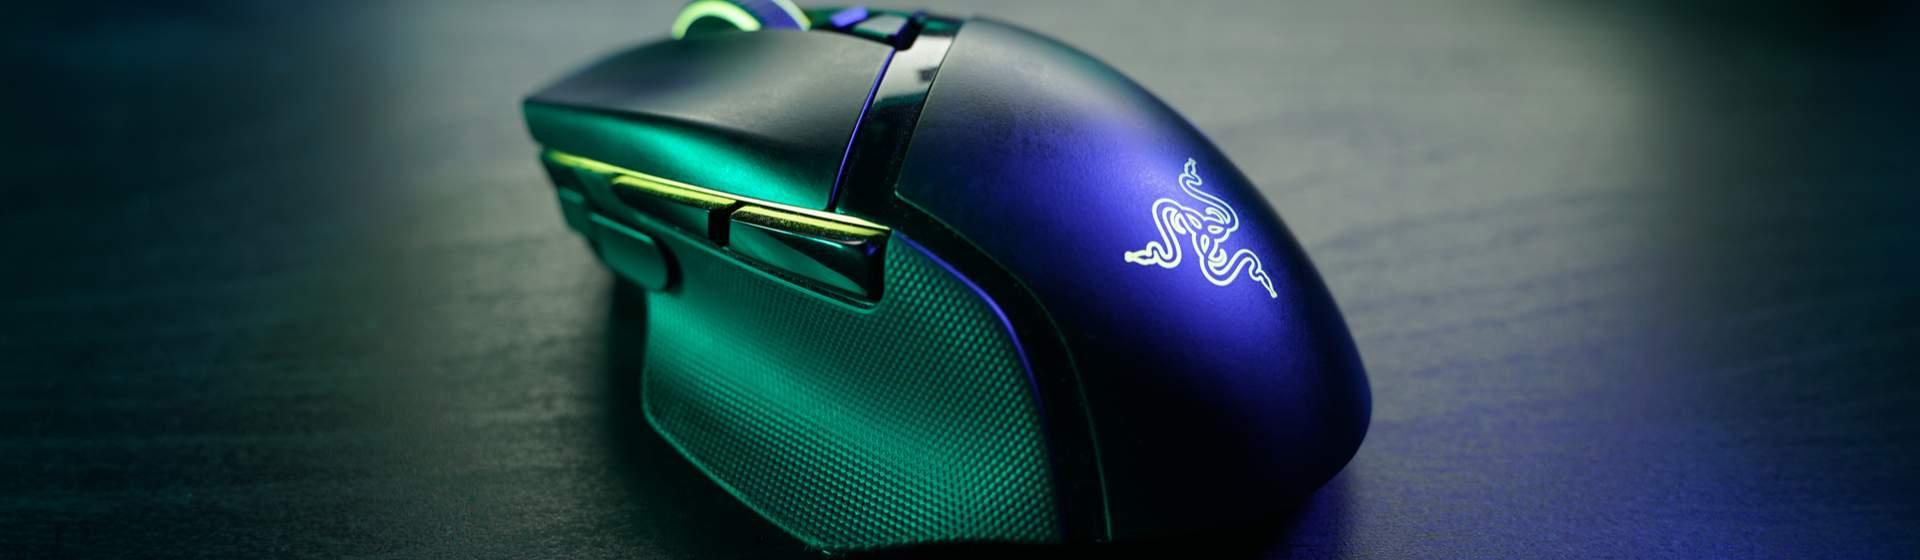 Melhor mouse Razer: 10 opções para comprar em 2021